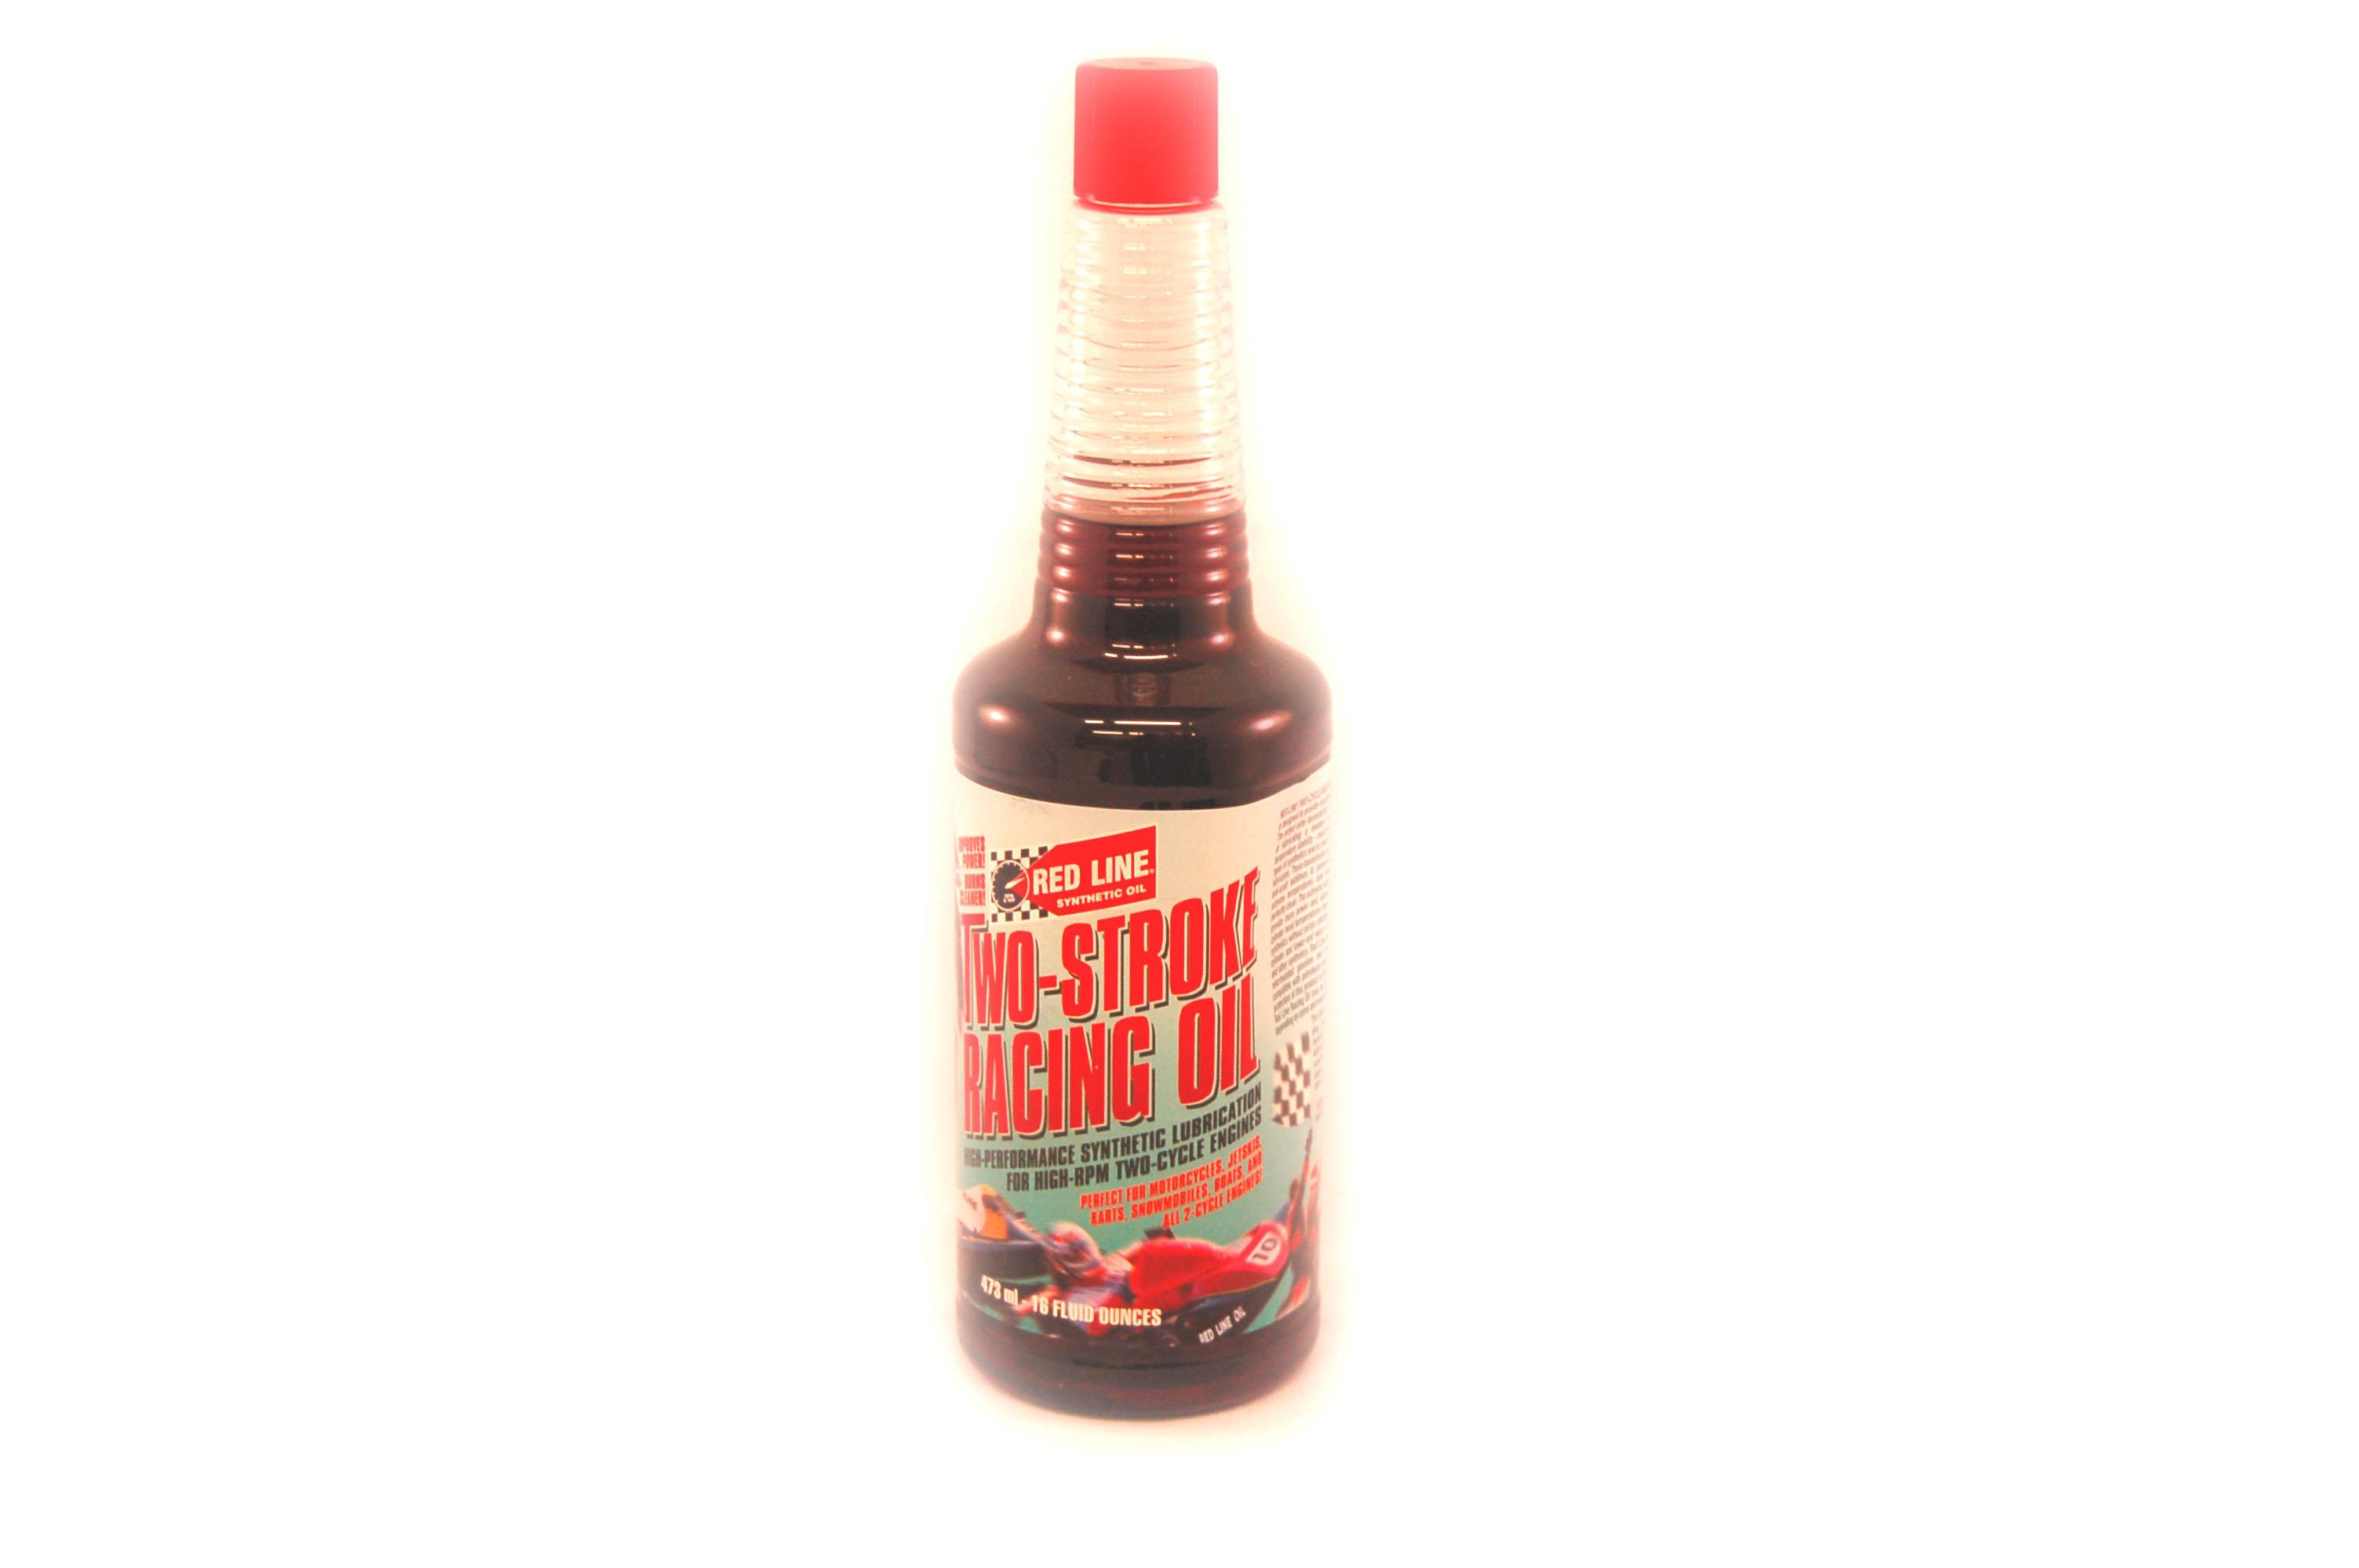 Redline 2-stroke oils